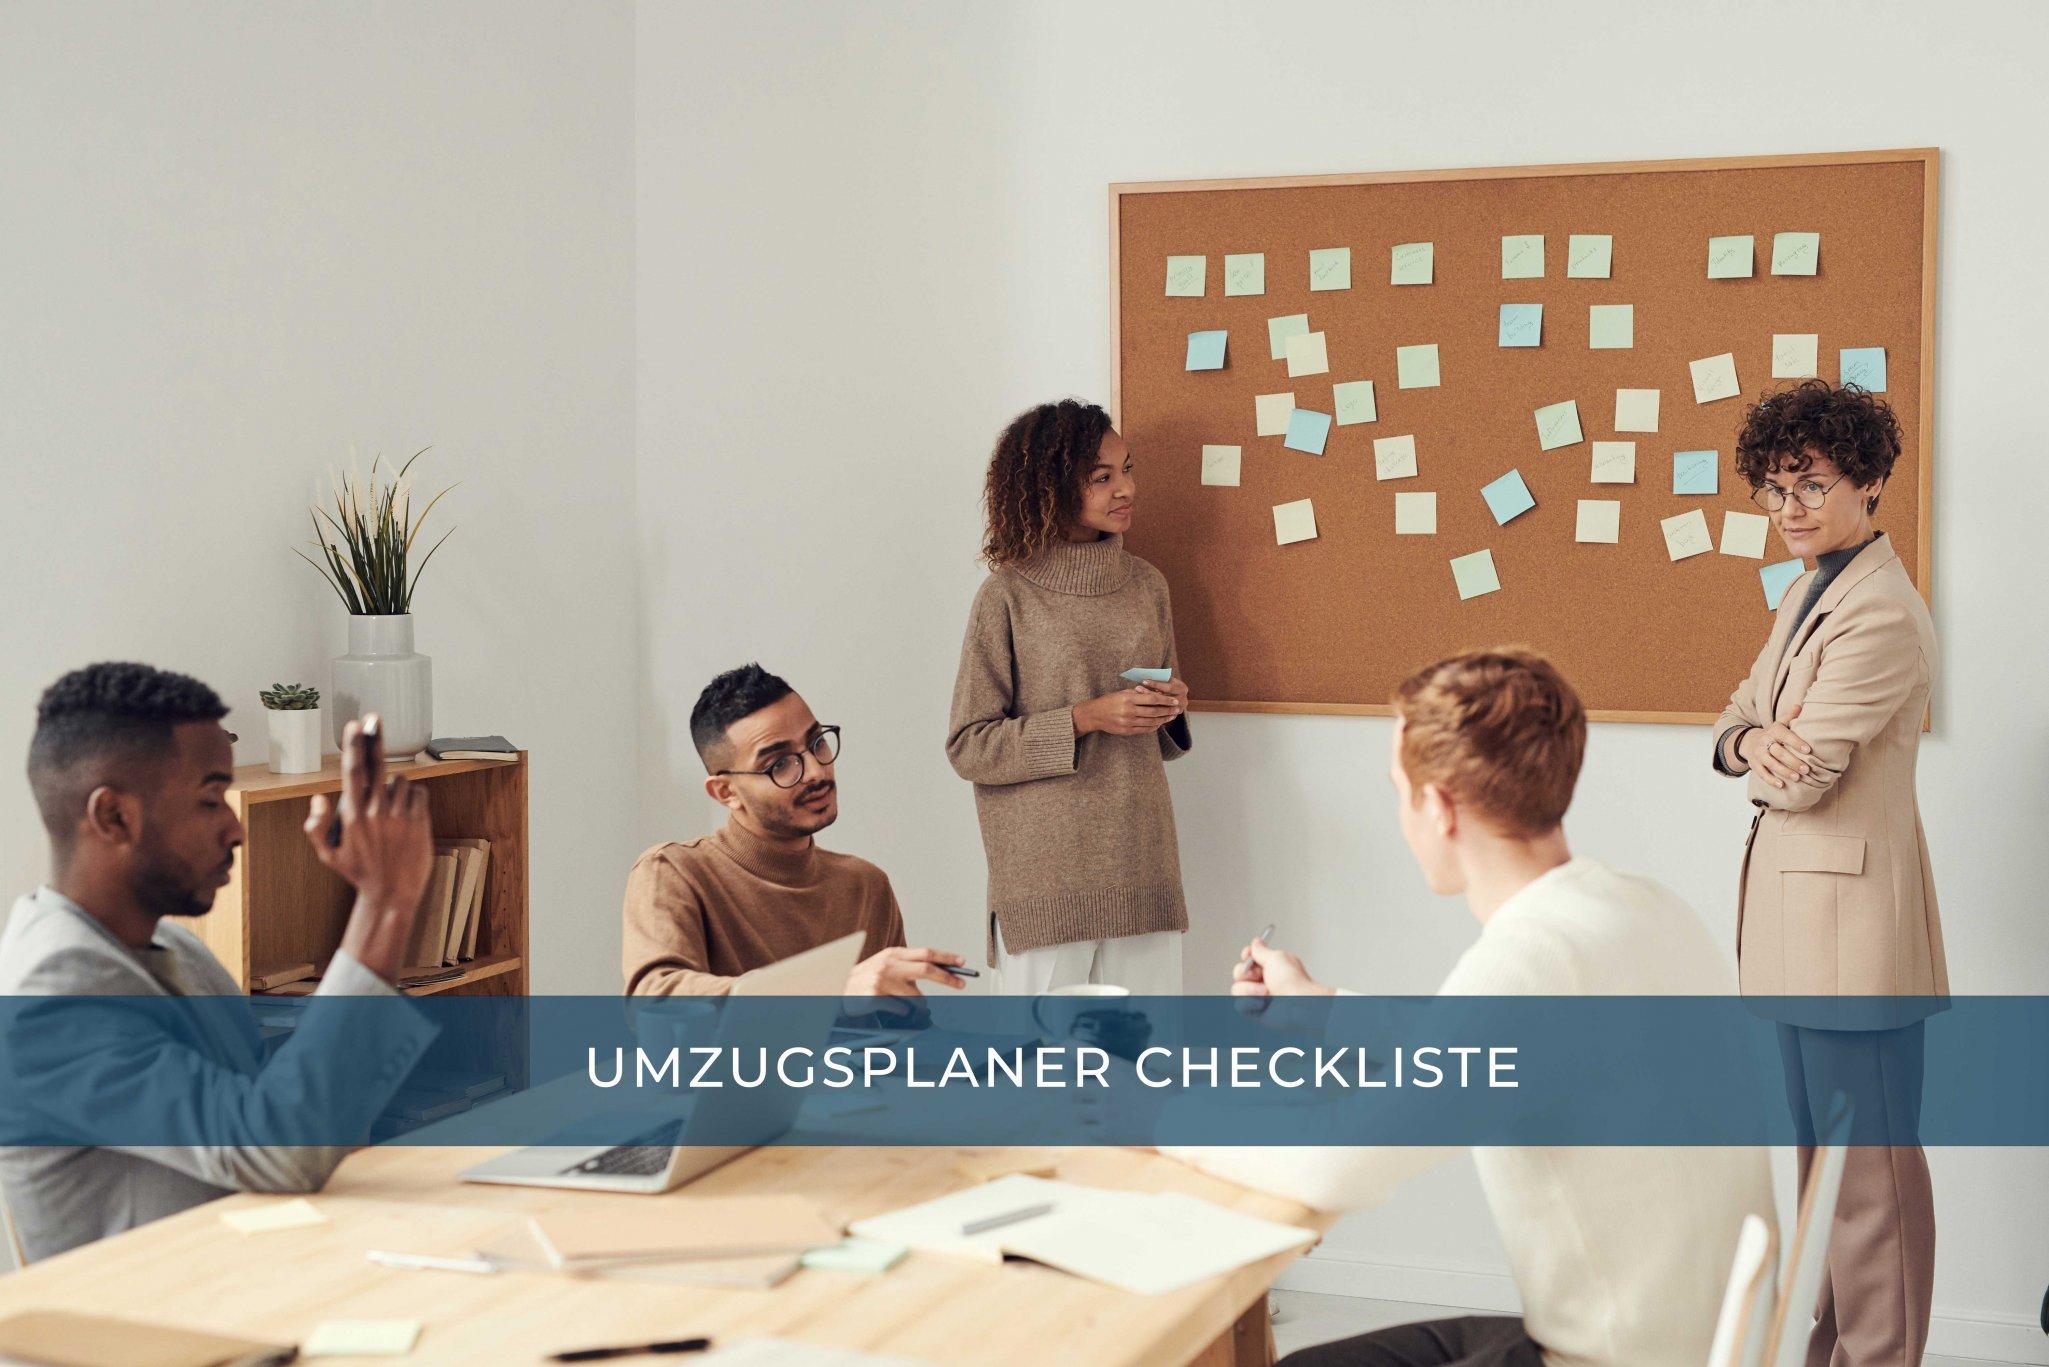 umzug_checklist_0bdcf.jpg